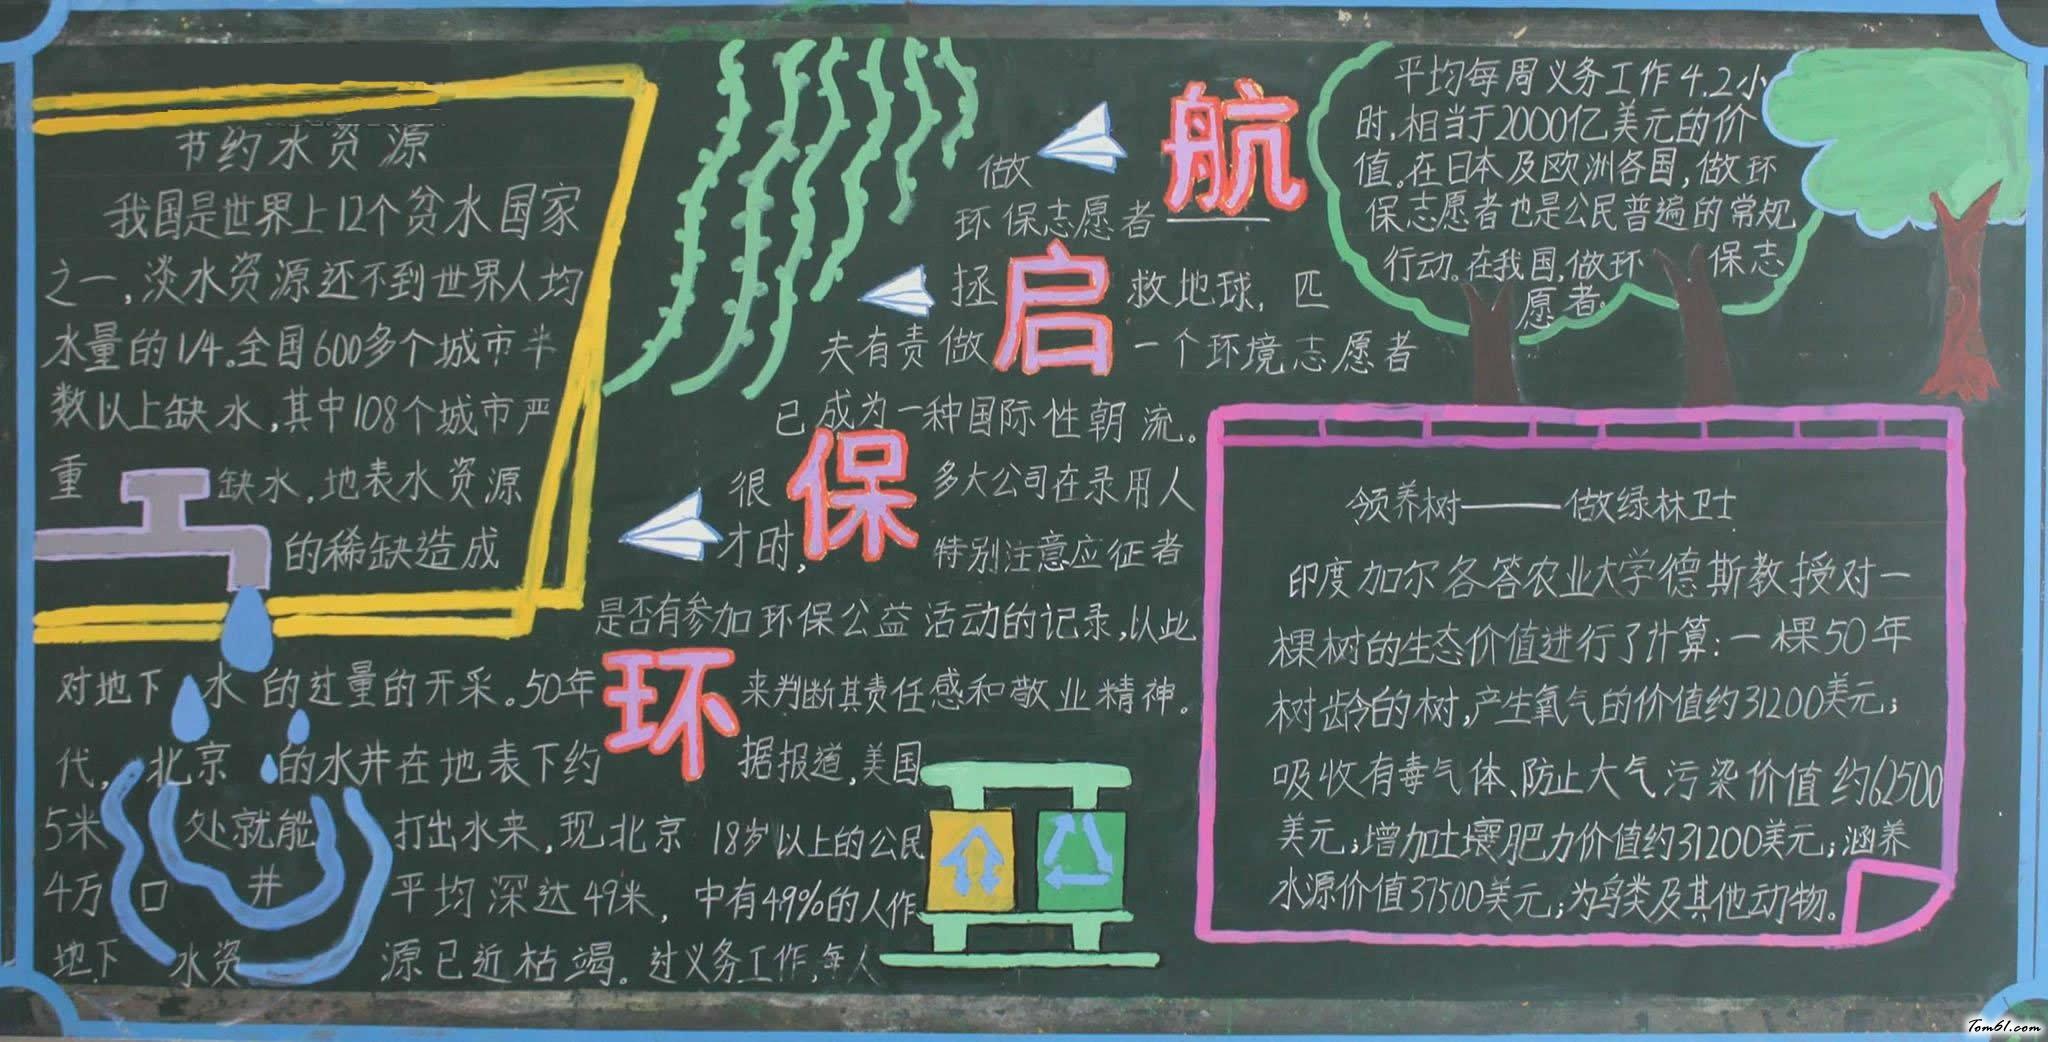 起航环保-黑板报版面设计图_黑板报大全_手工制作大全